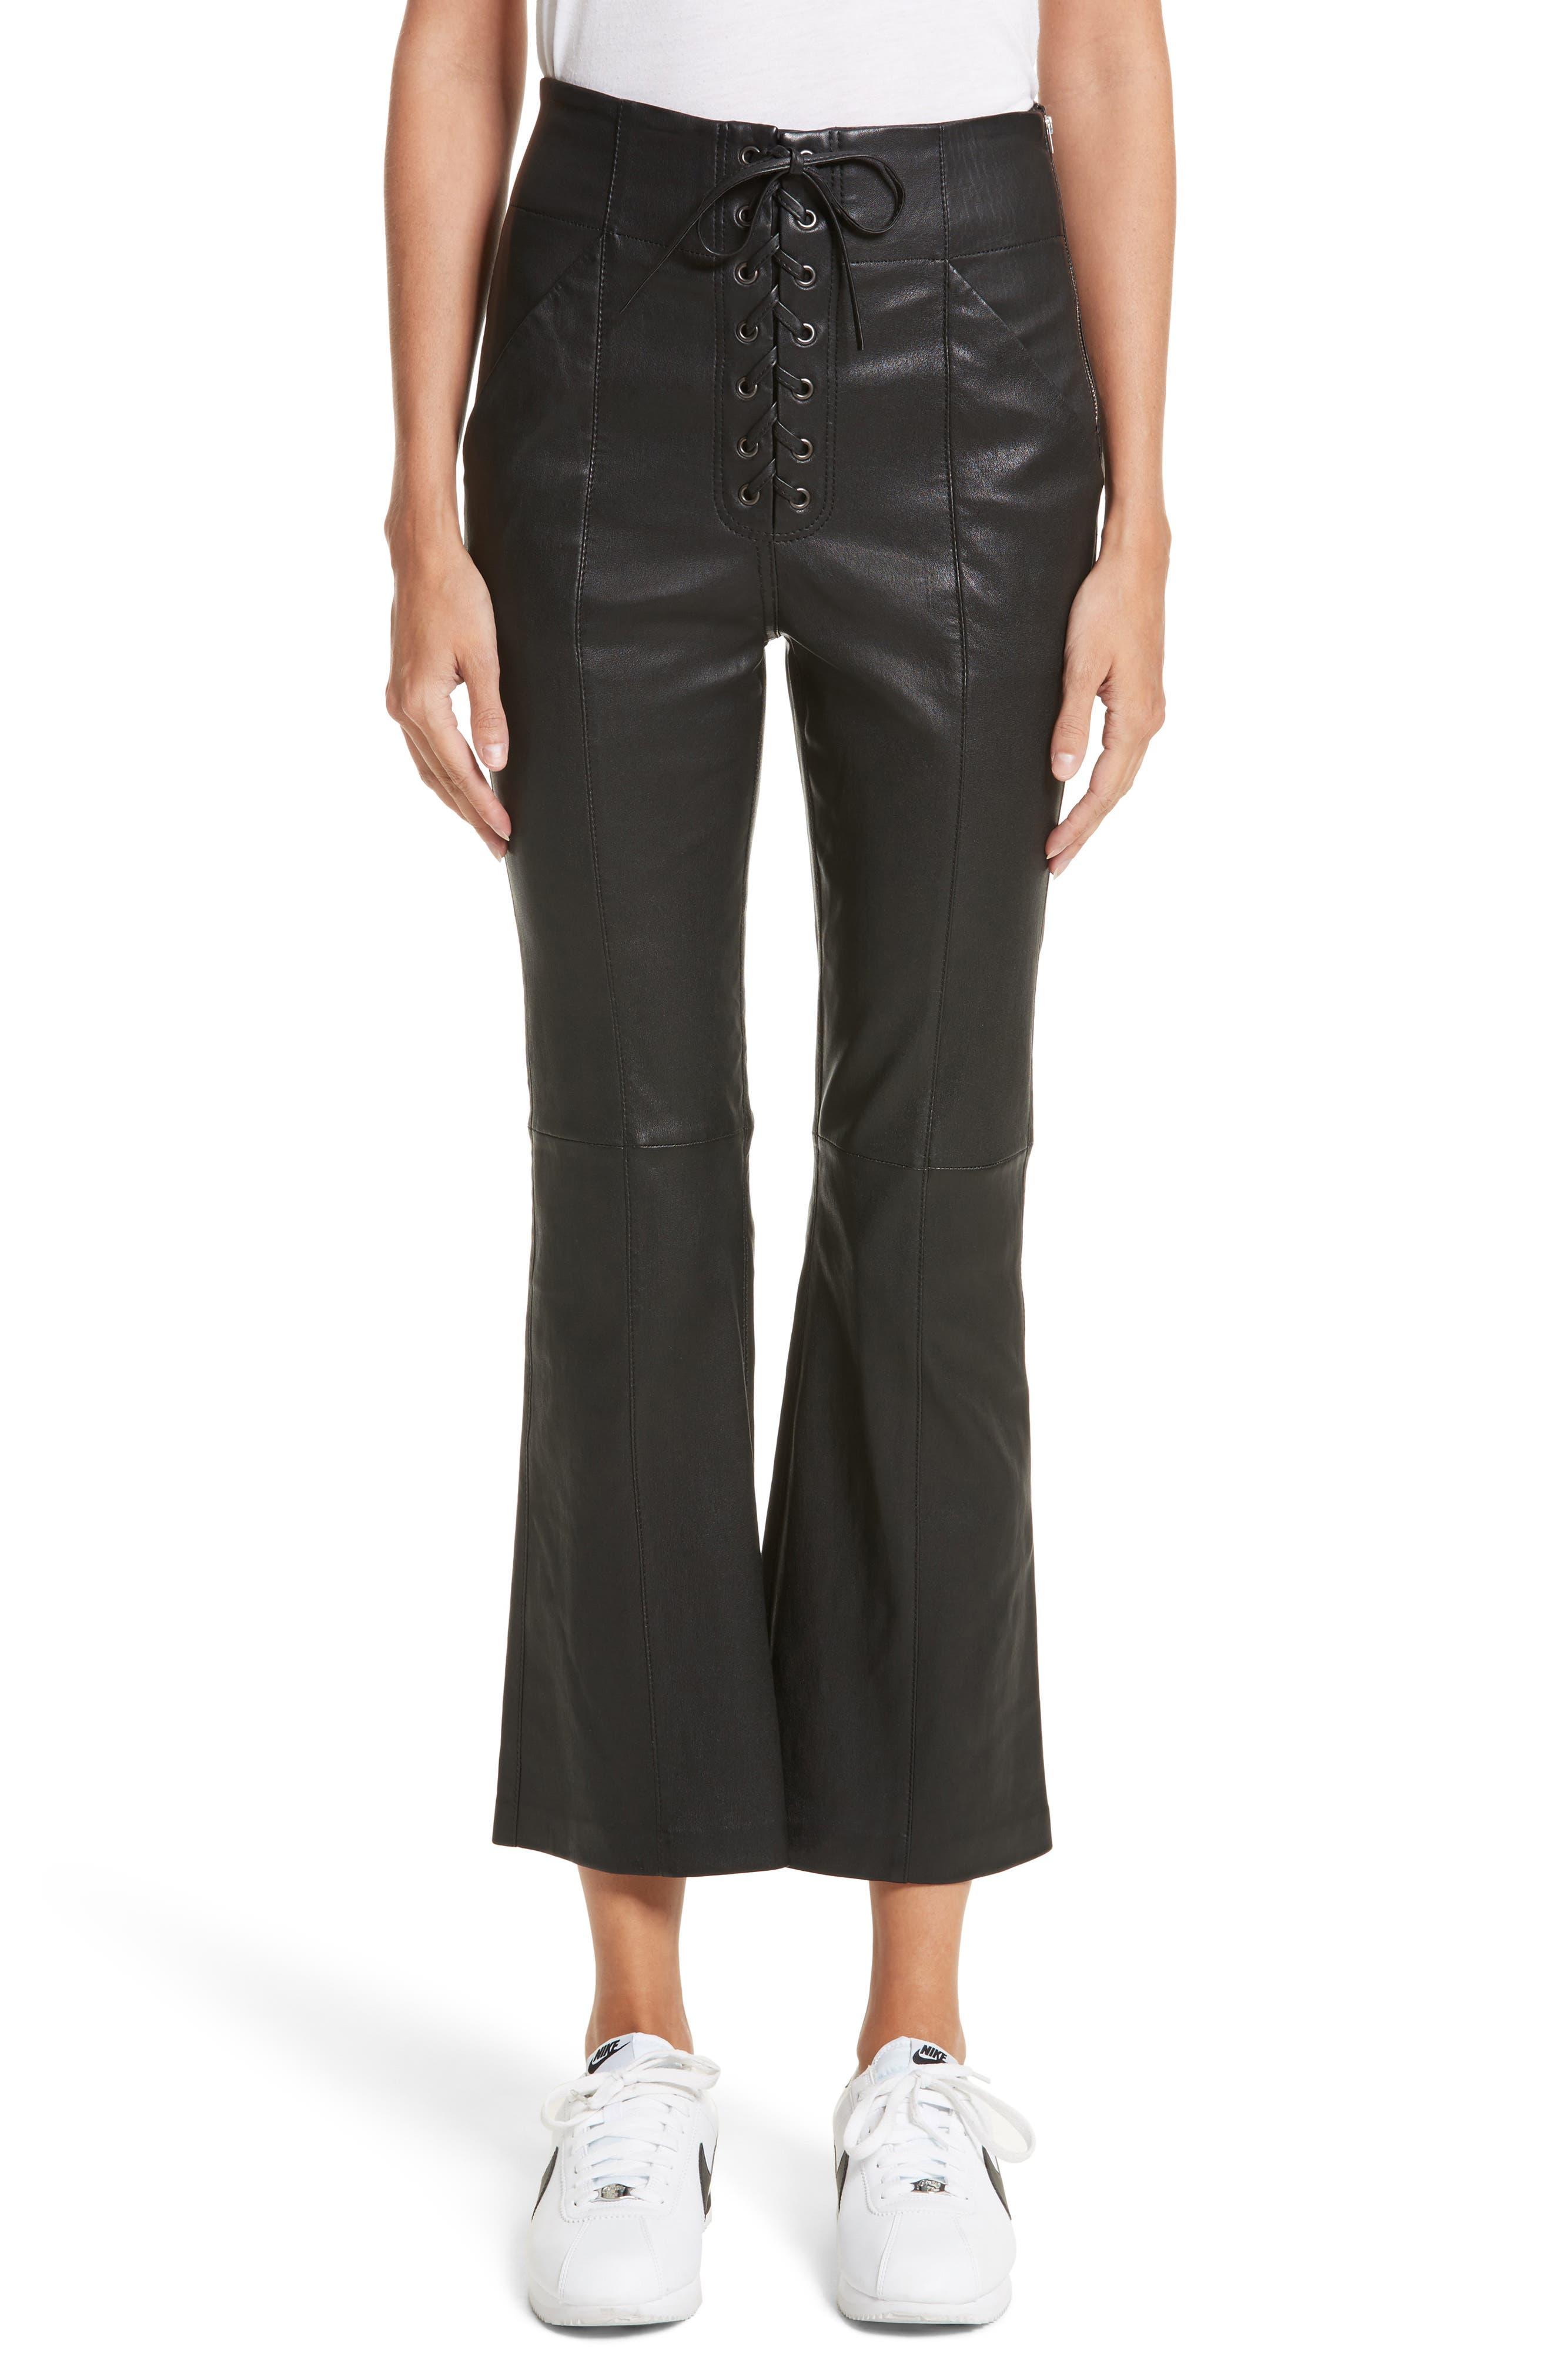 Delia Lace Up Leather Pants,                         Main,                         color, Black